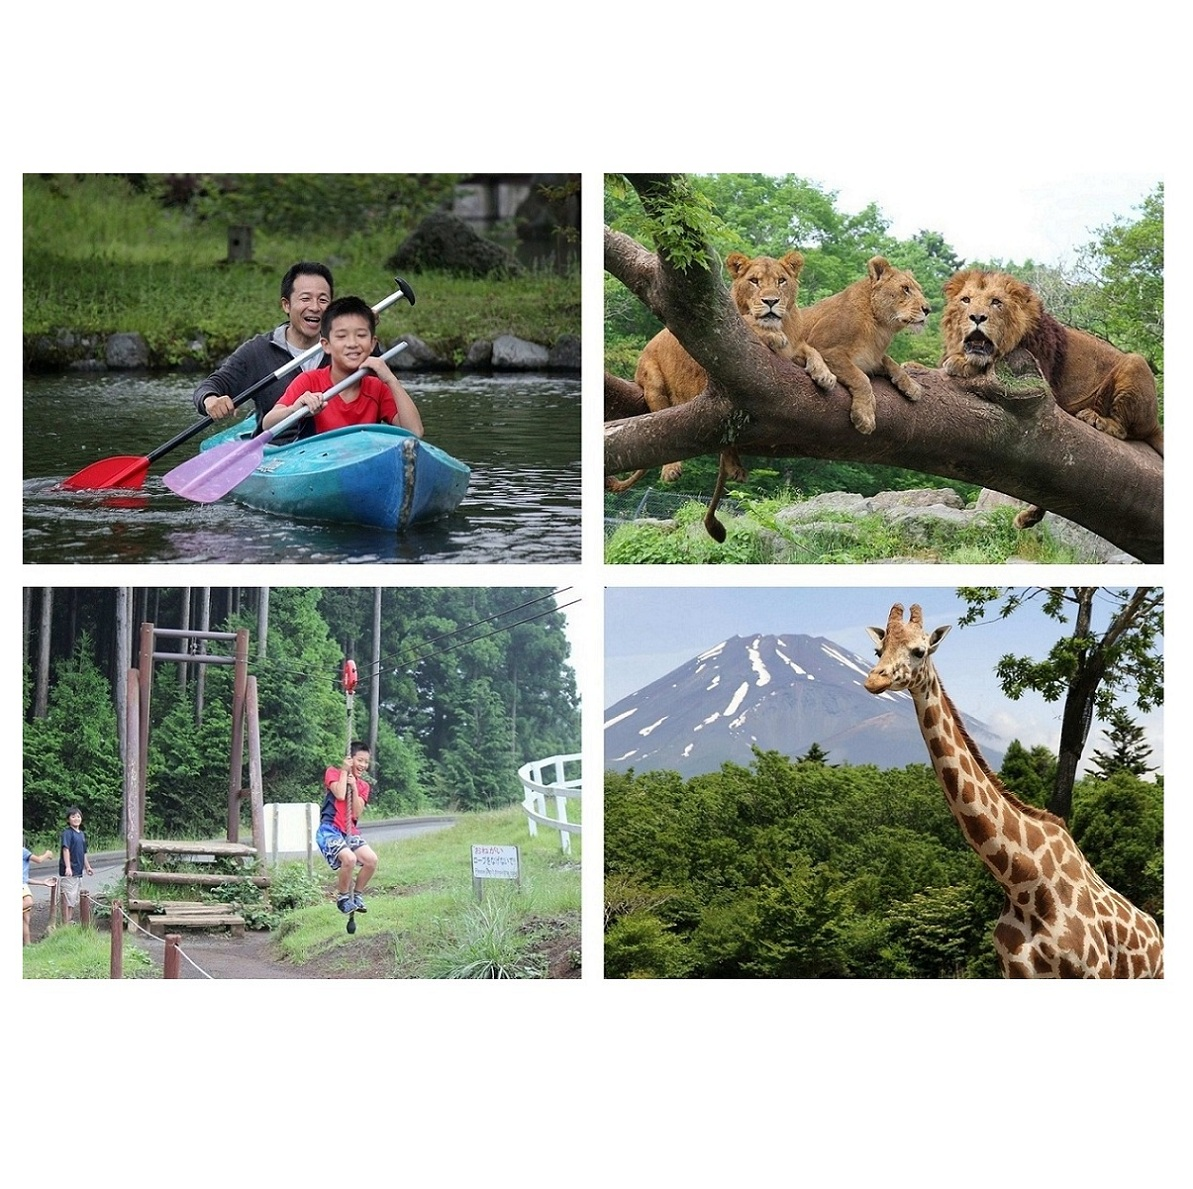 【ふるさと納税】1144富士山こどもの国おとな入園券&富士サファリパーク入園券(各2枚)